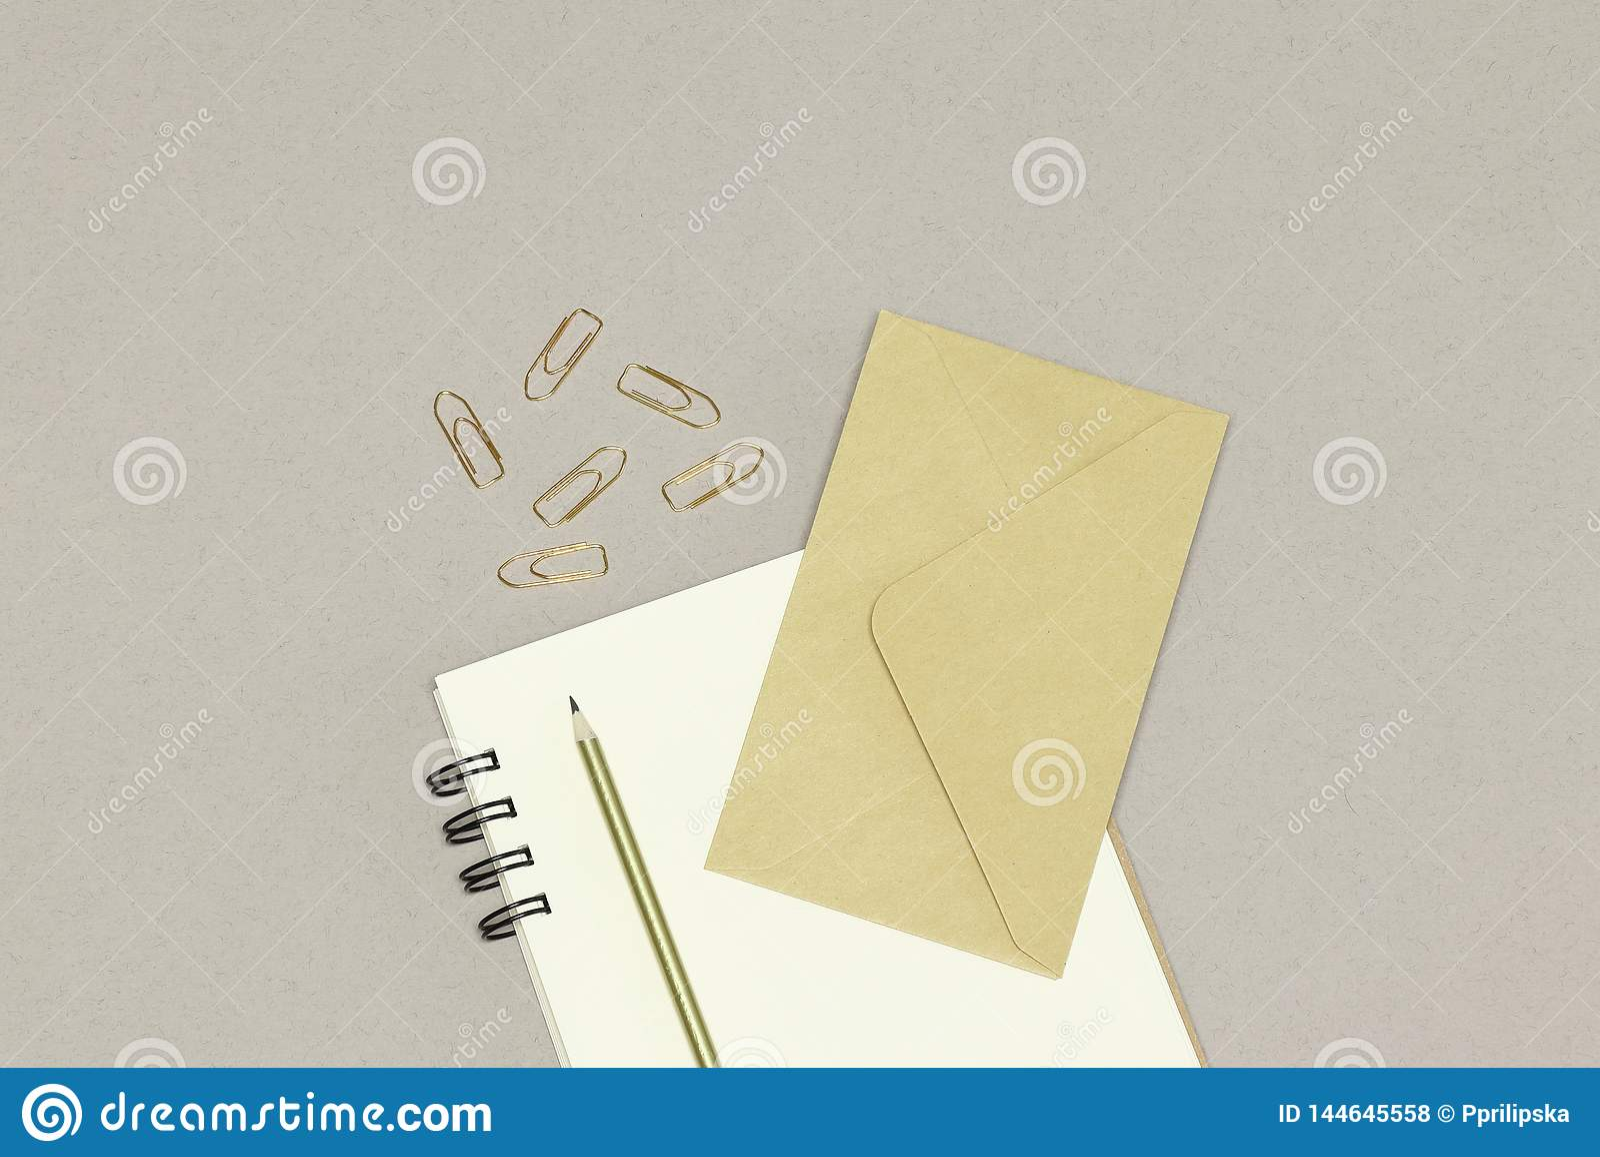 Конверт kraft, примечания, золотой карандаш & бумажные зажимы, на белой предпосылке